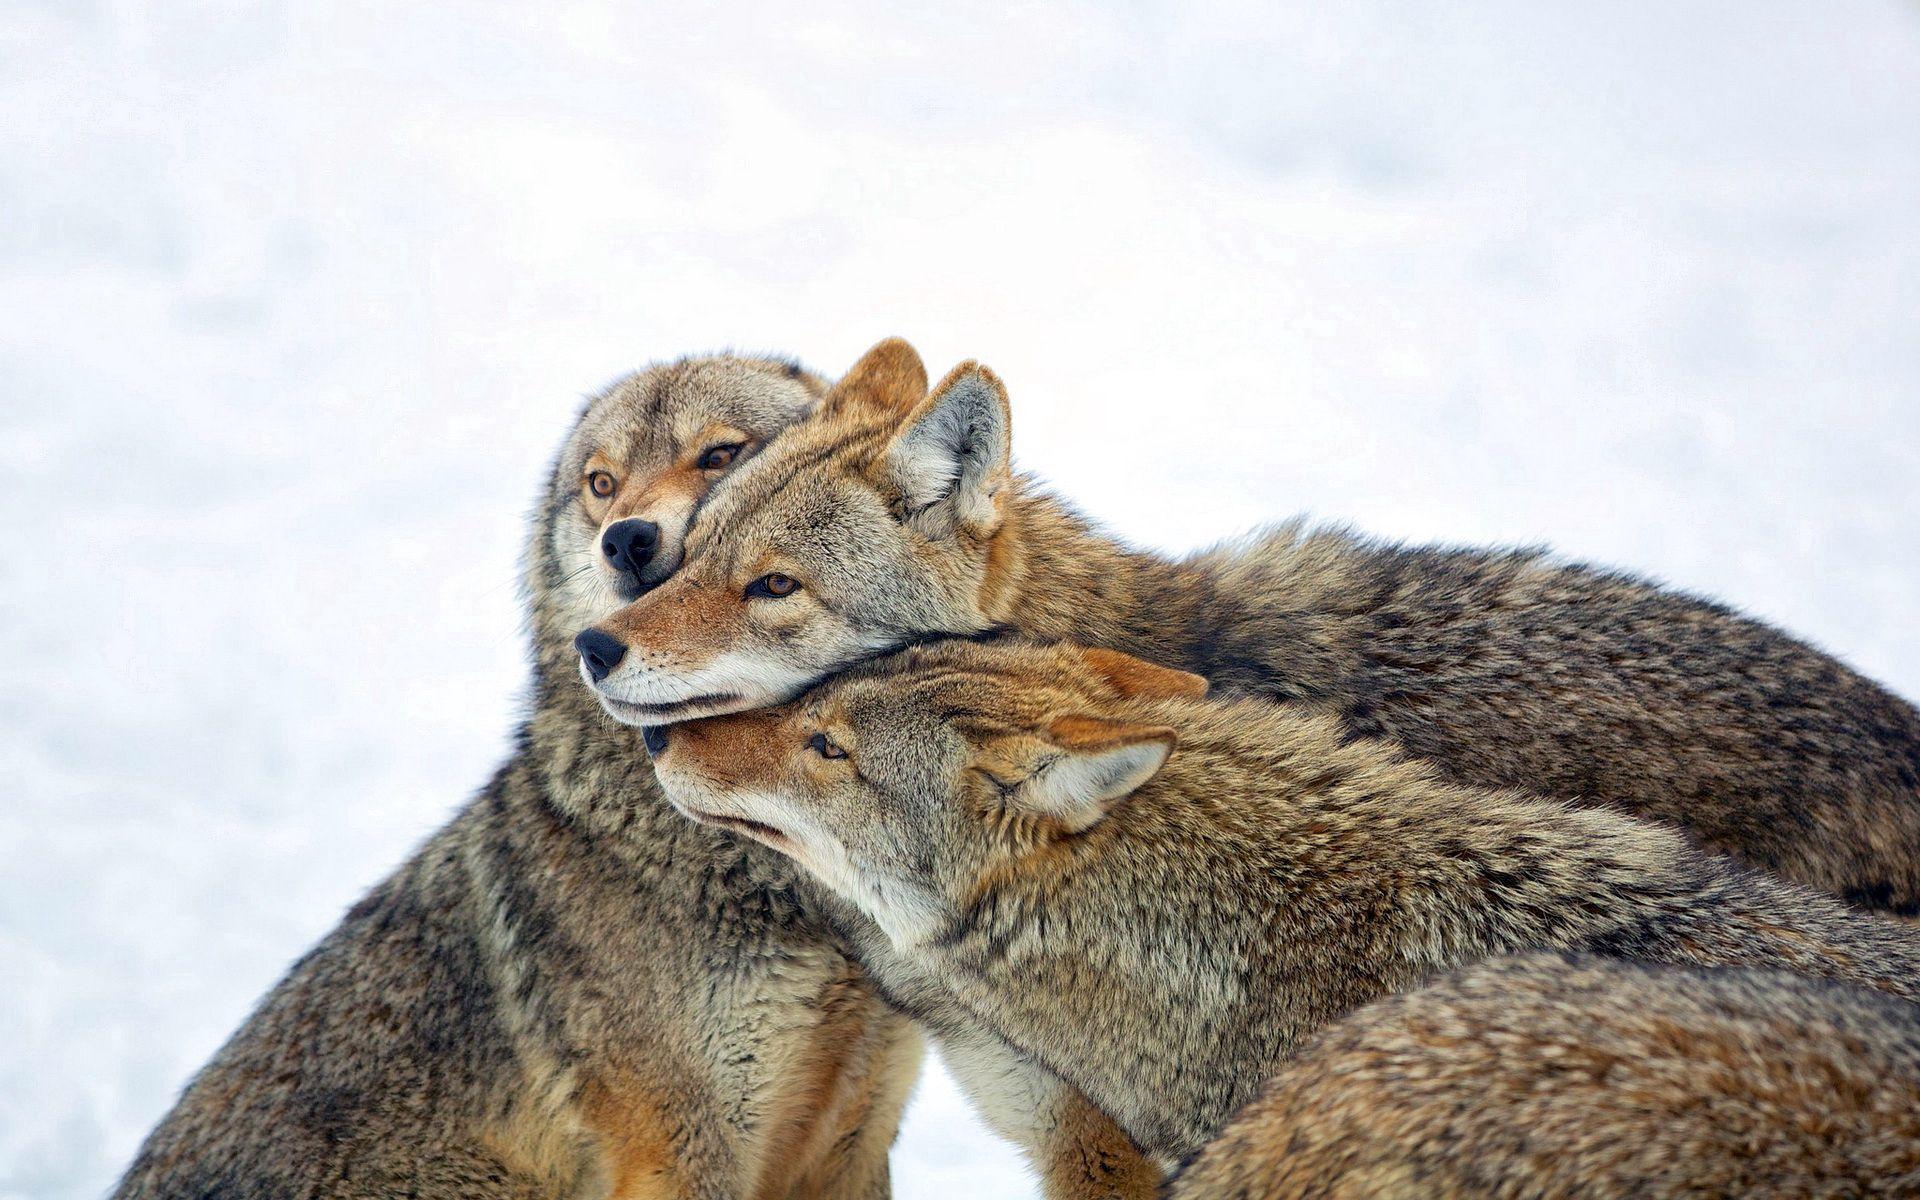 137991 Hintergrundbild herunterladen Wölfe, Tiere, Winterreifen, Schnee, Herde, Pflege, Kojote - Bildschirmschoner und Bilder kostenlos